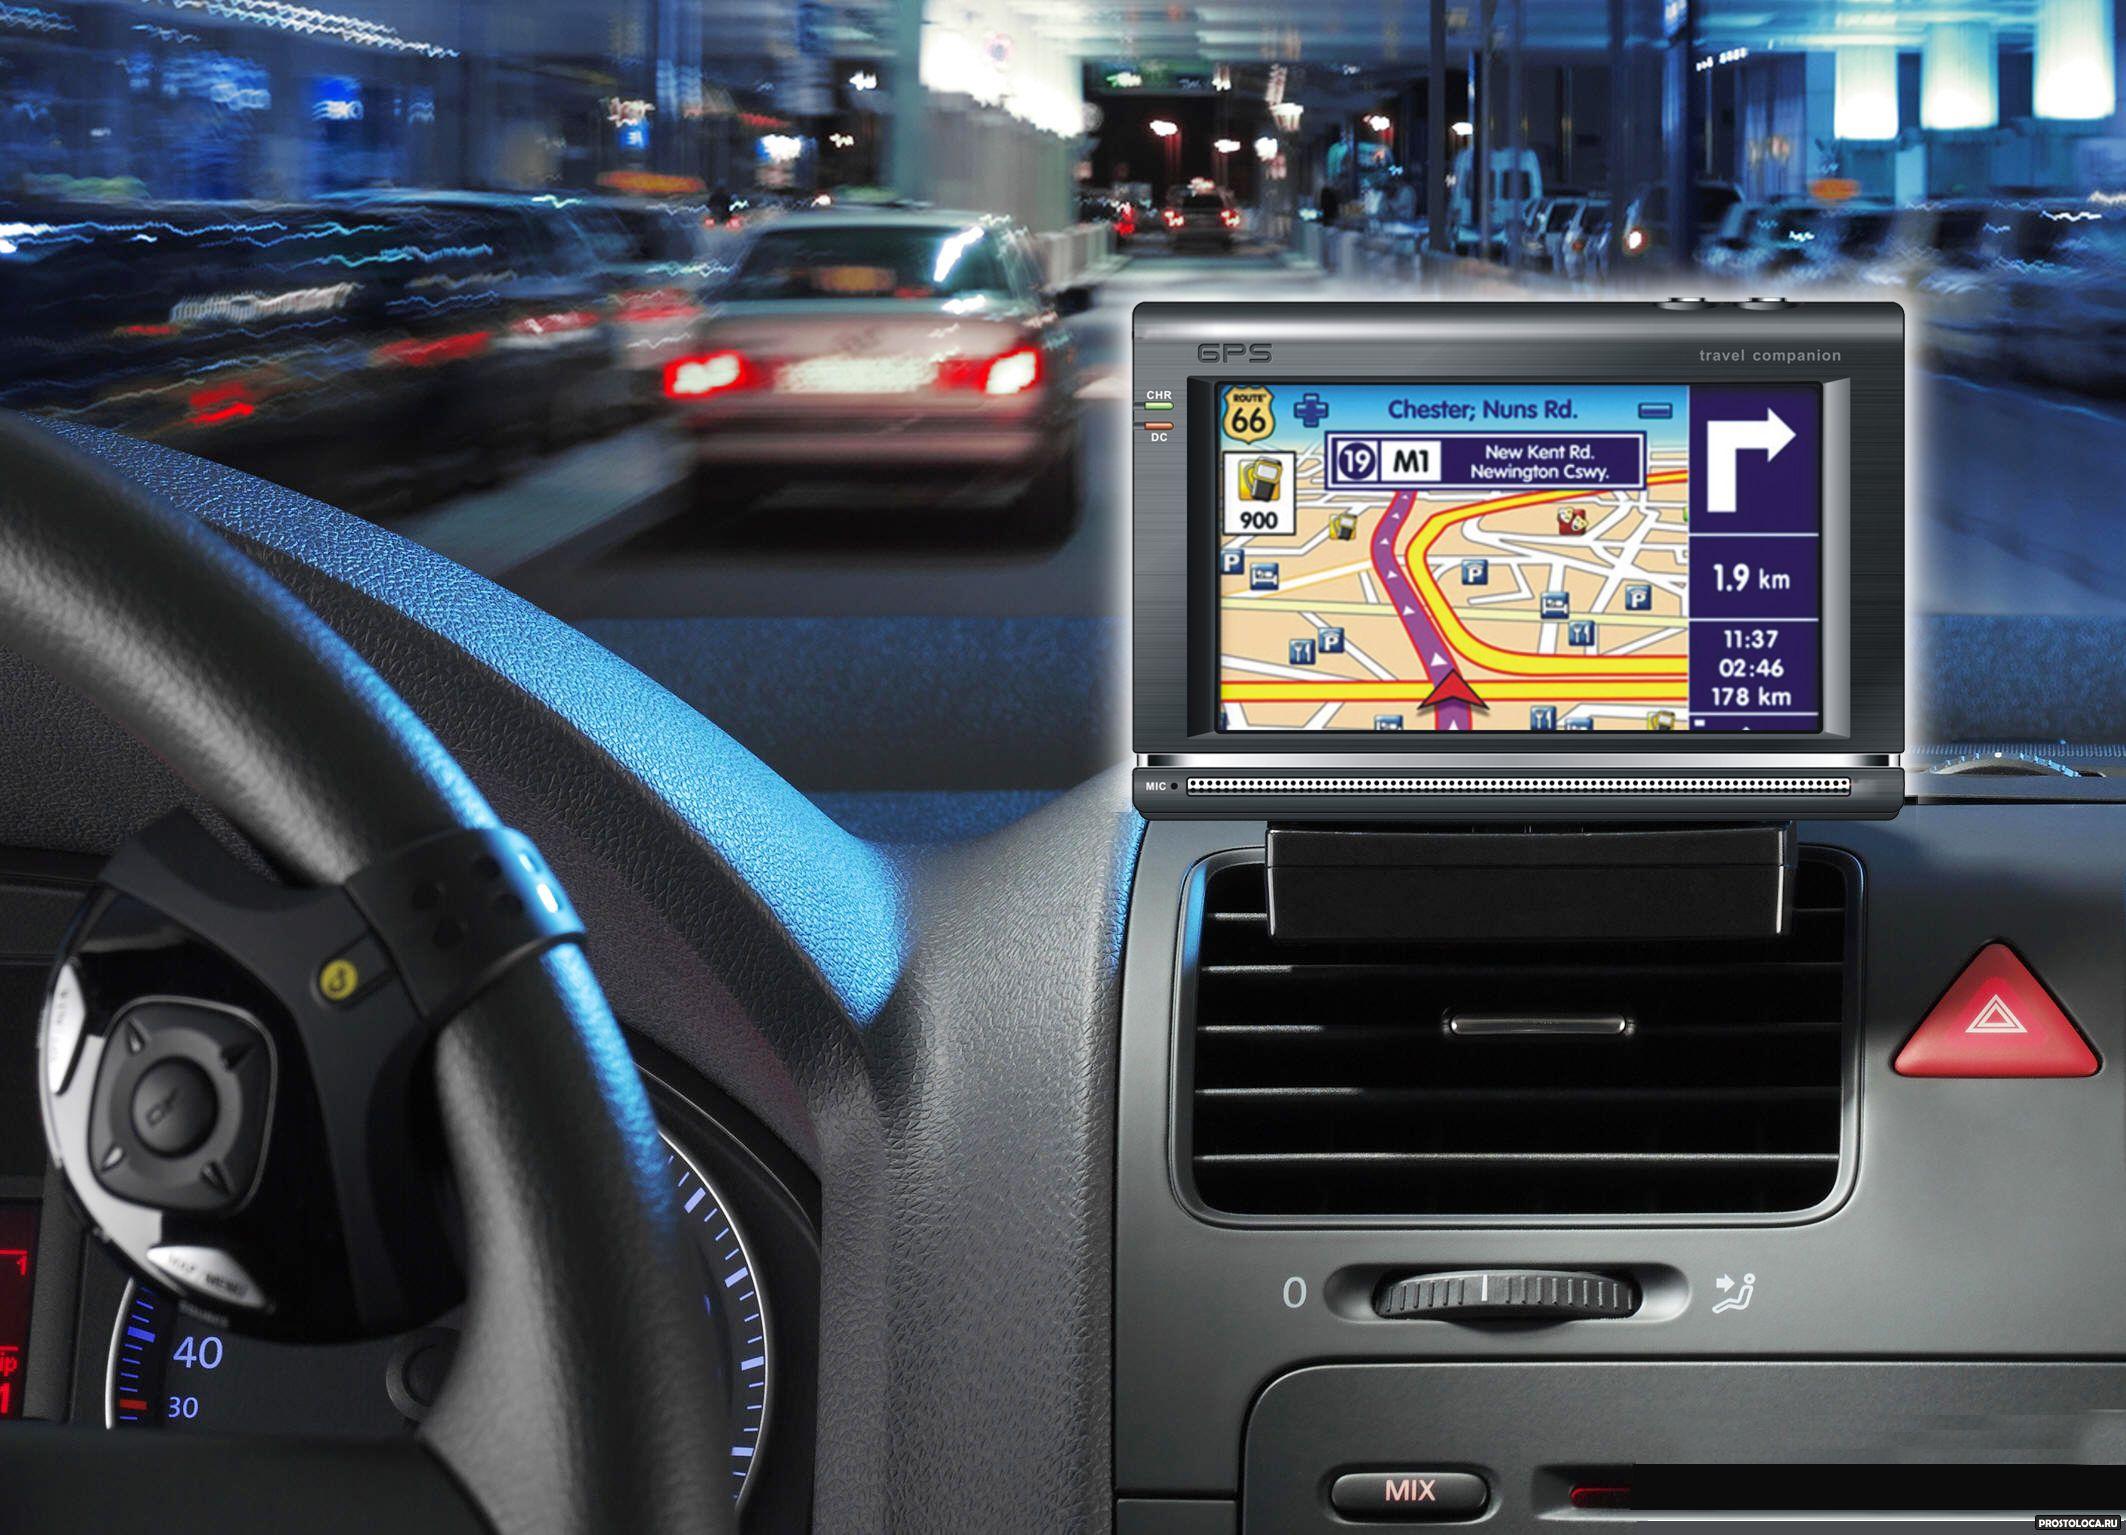 gps-navigatory в авто